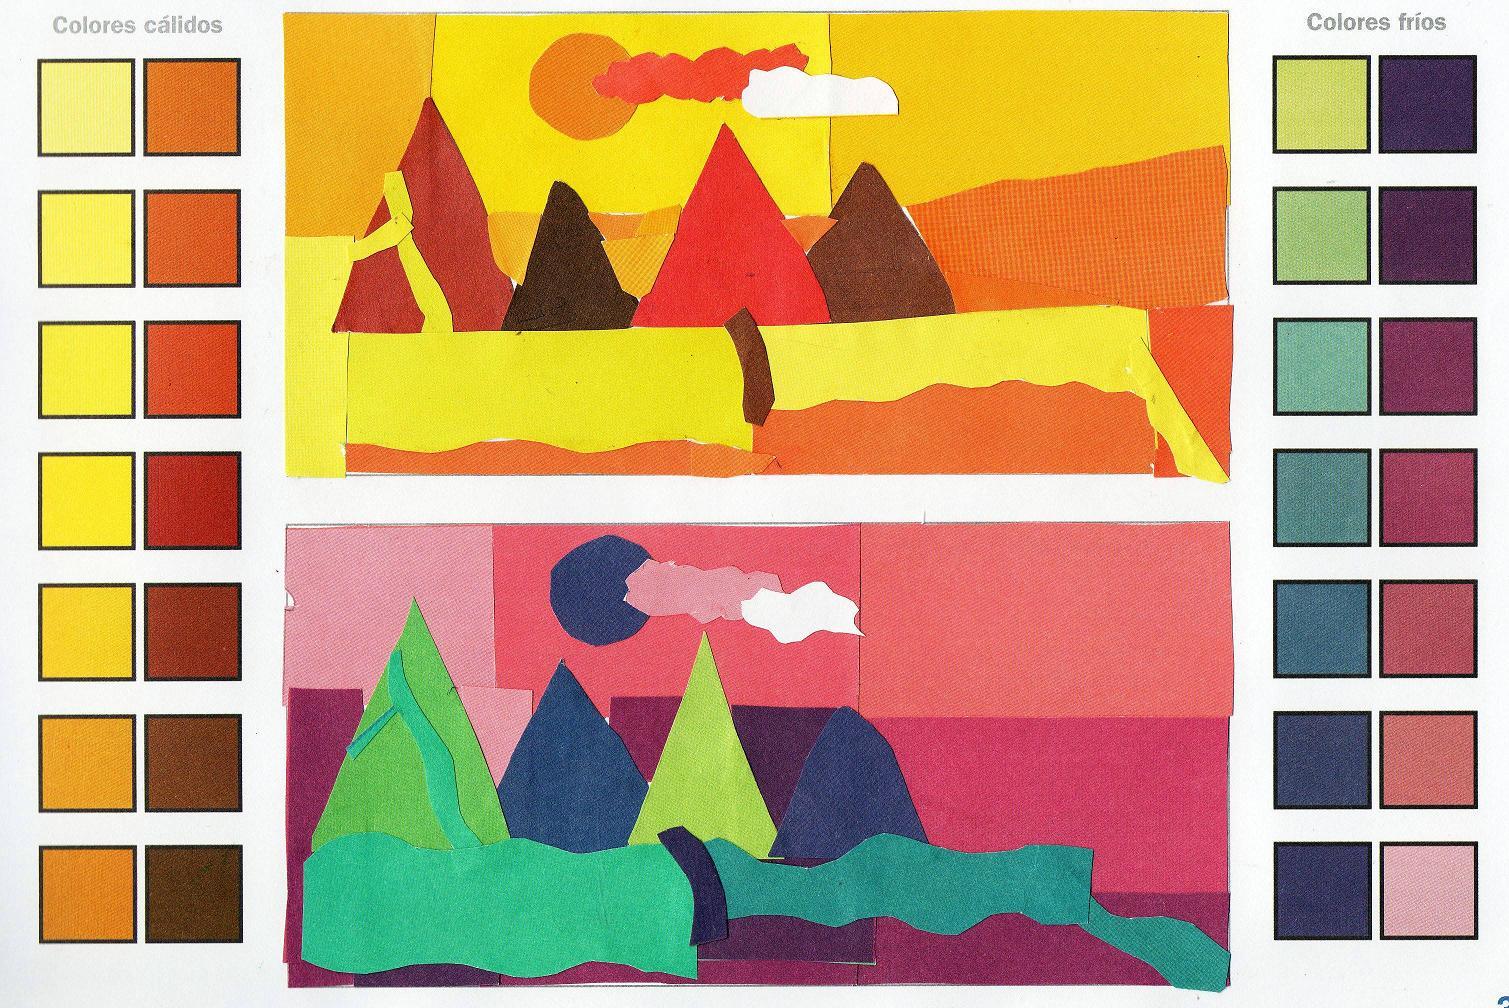 Nuestros trabajos - Colores frios y colores calidos ...